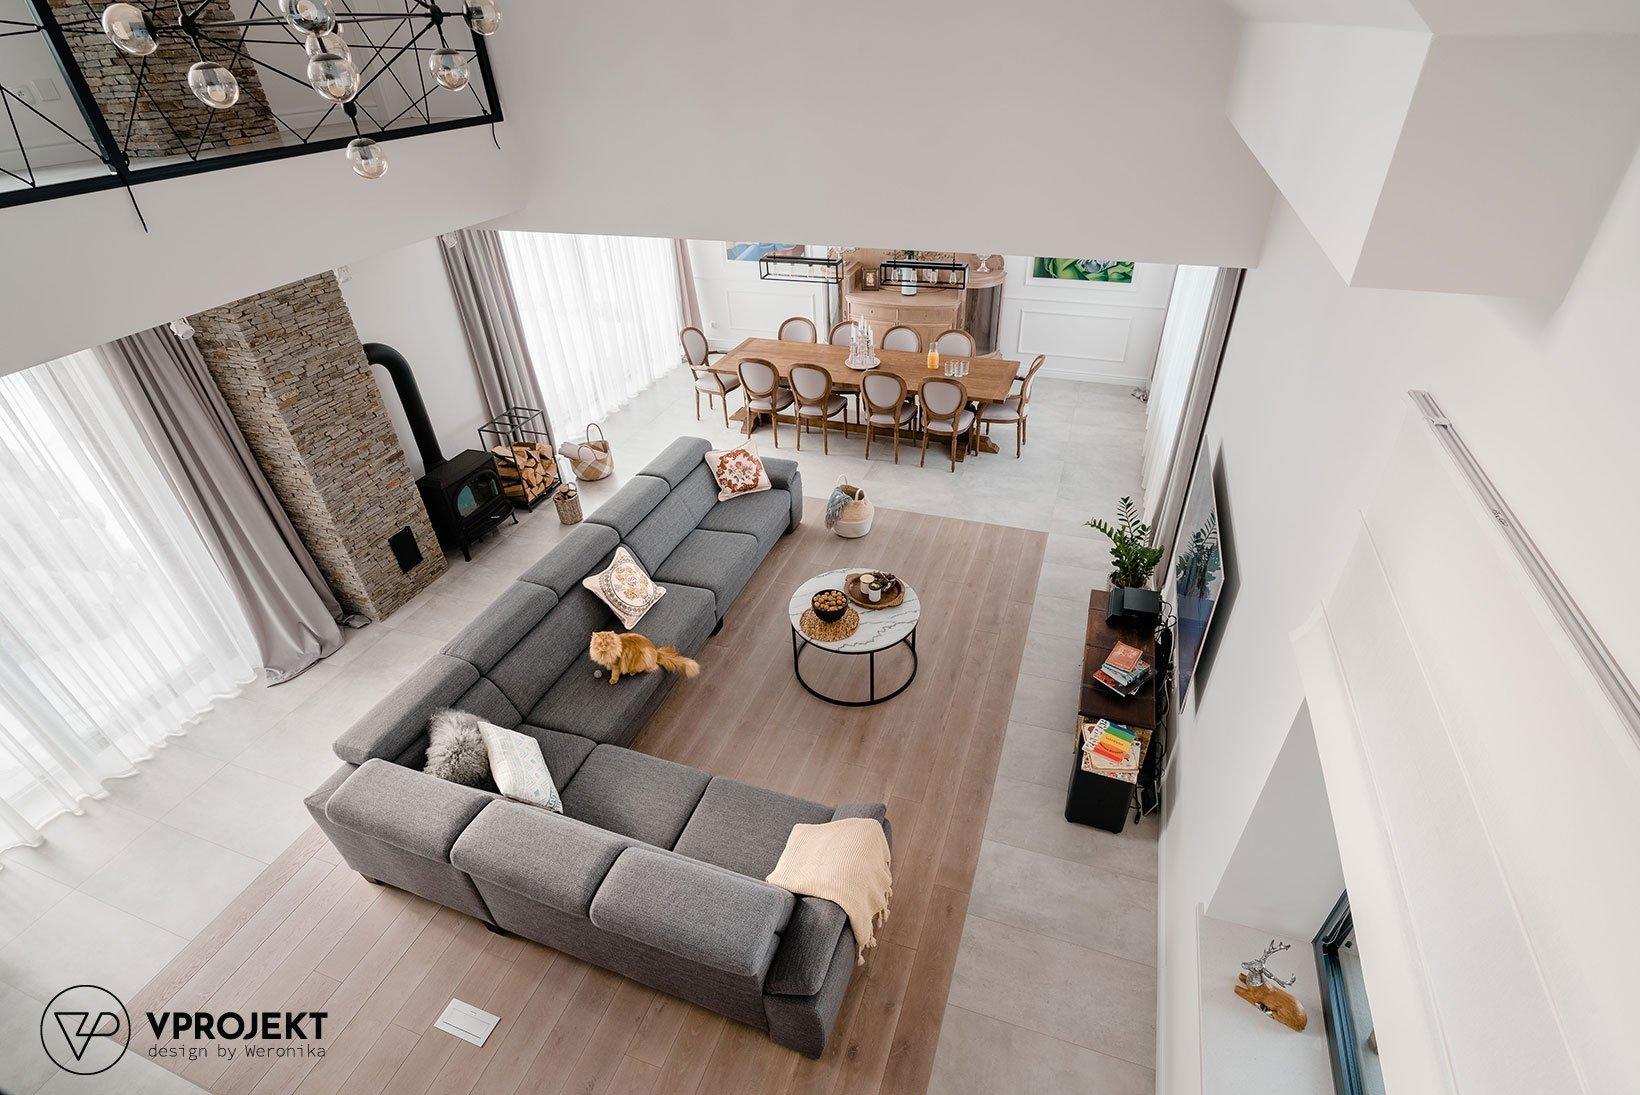 Tento interiér je důkazem, že vkusně propojené staré a nové prvky mohou vytvořit opravdu kouzelný domov. Myslí totiž na požadavky moderních časů a přitom s nostalgií vzpomíná na ty minulé.